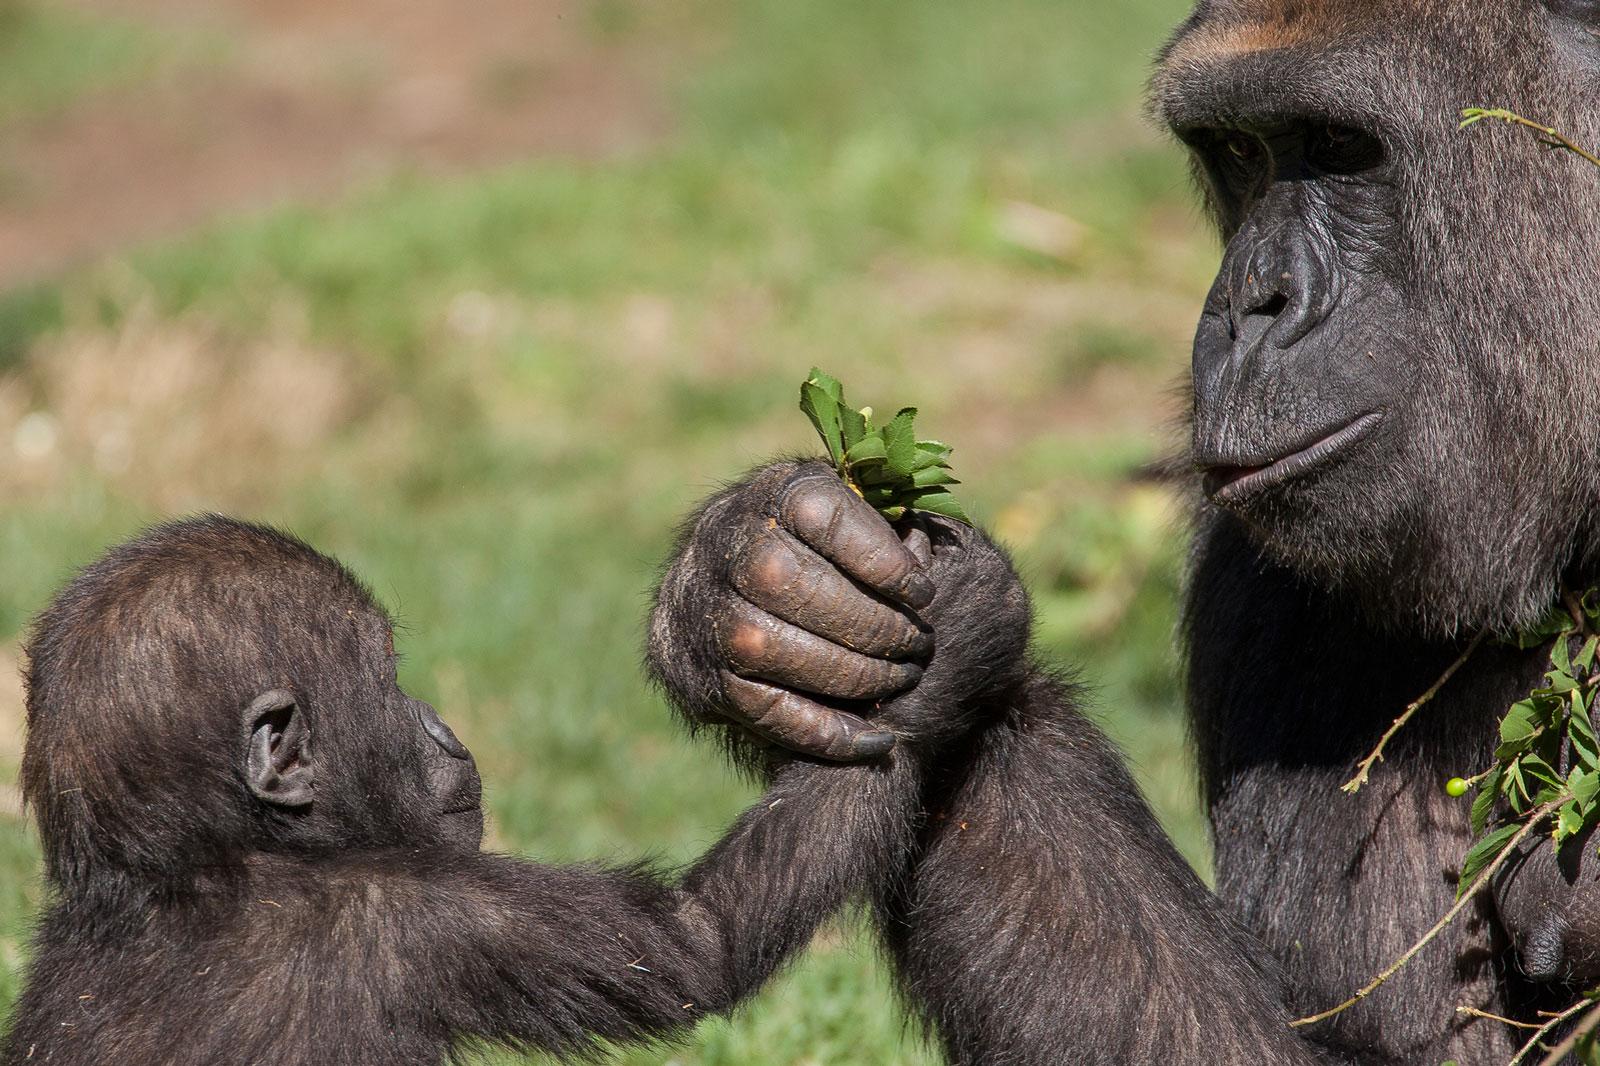 """Résultat de recherche d'images pour """"gorille fleur"""""""